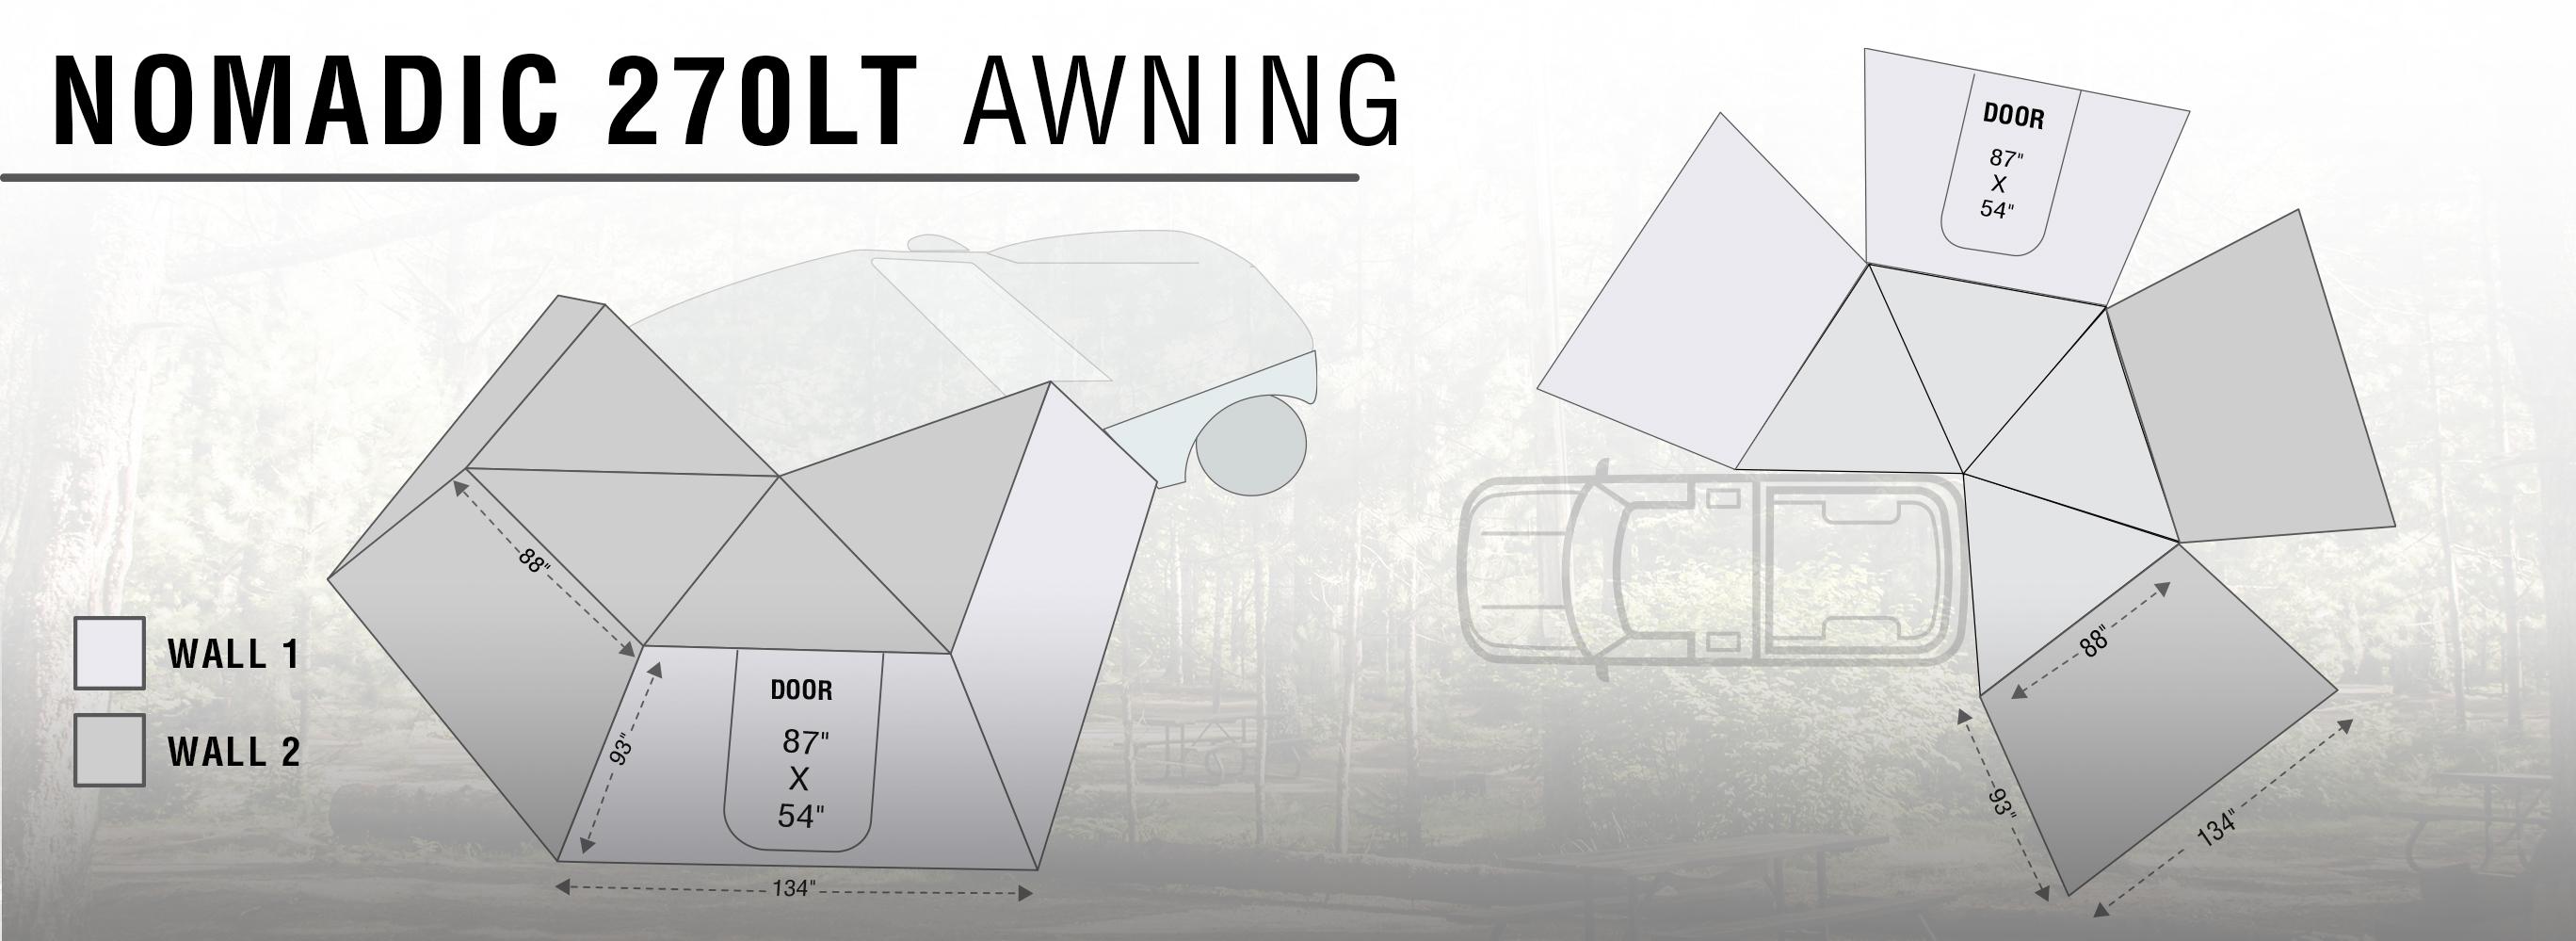 270lt-awning-pass.jpg